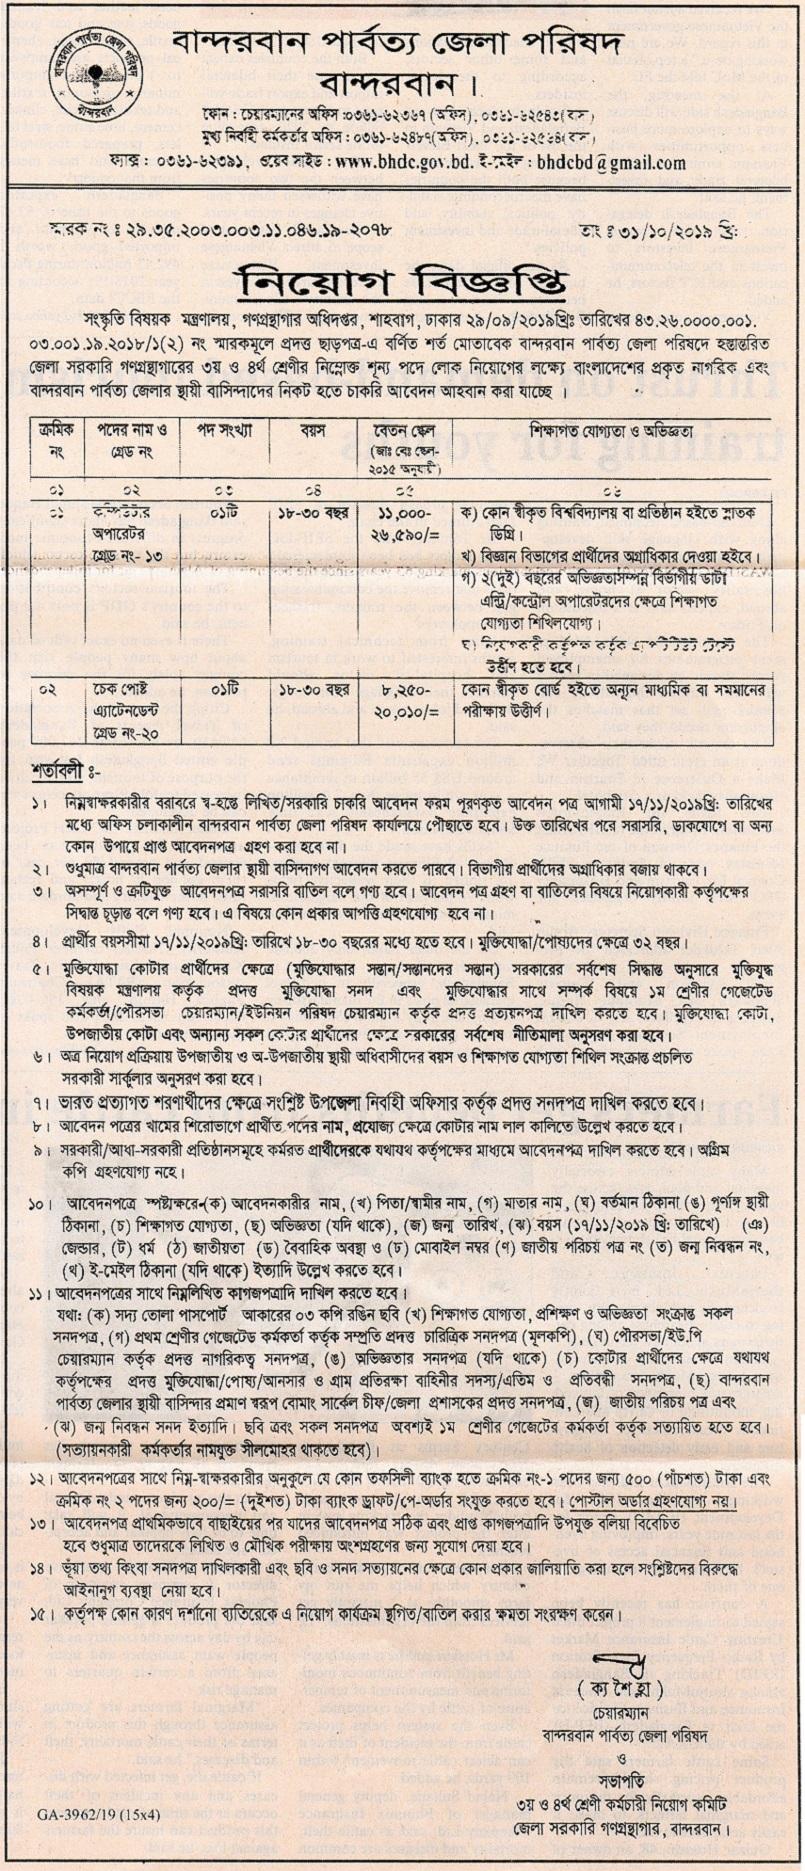 Bandarban Hill District Council Job Circular 2019